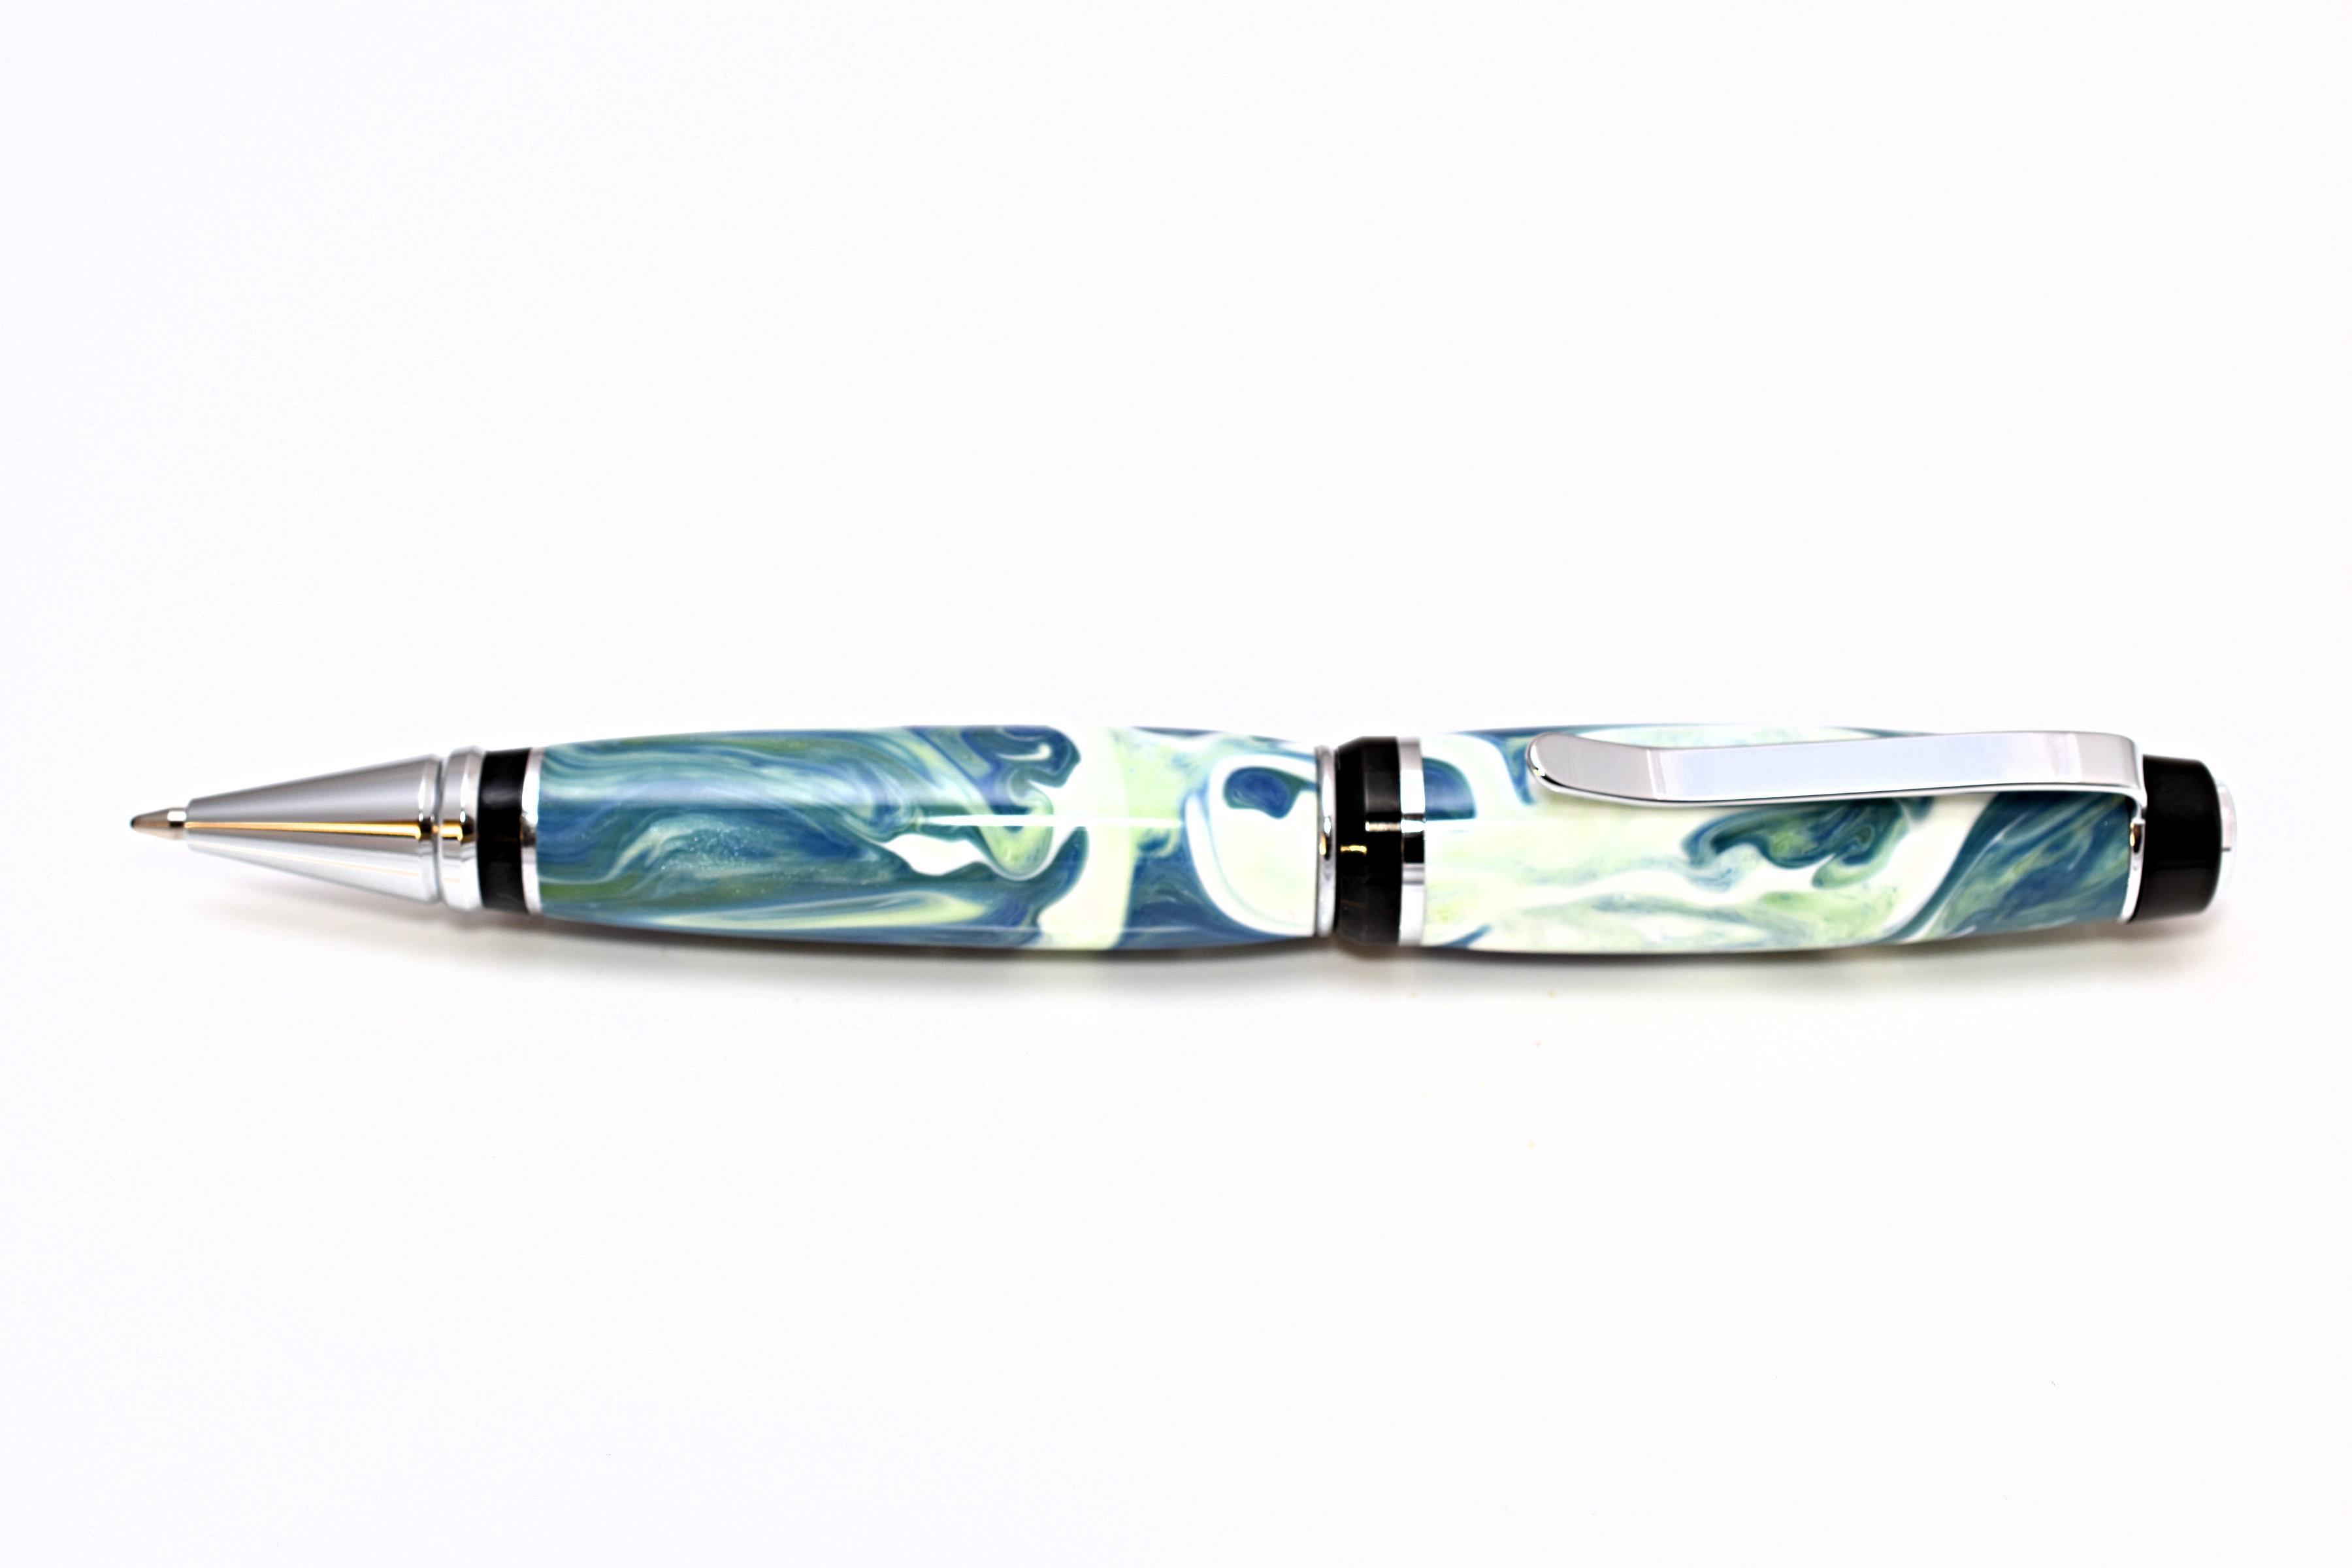 Kugelschreiber Harz weiss blau